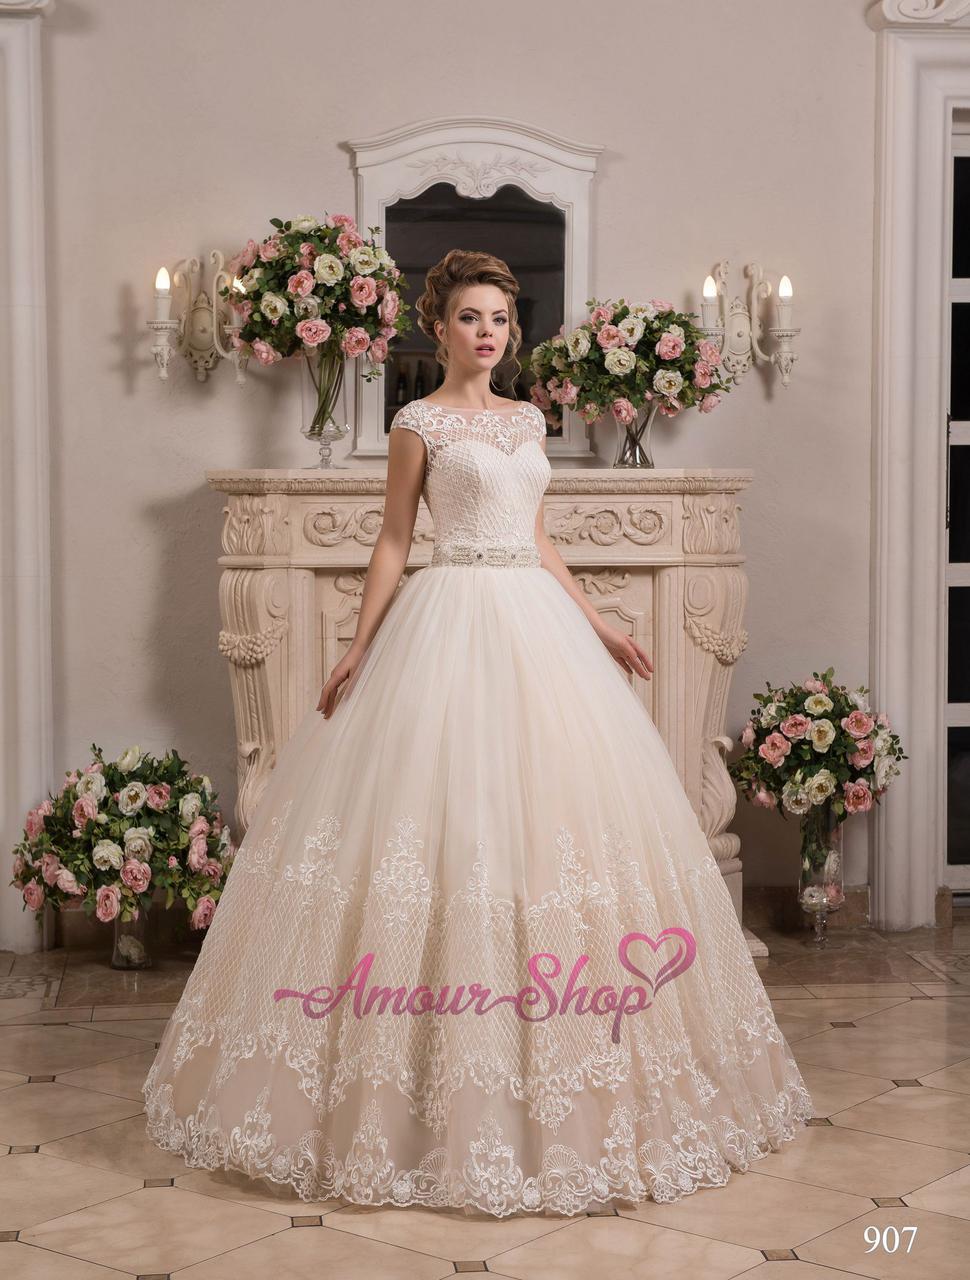 Свадебное платье. Пышное кружевное. Белый, айвори, телесный